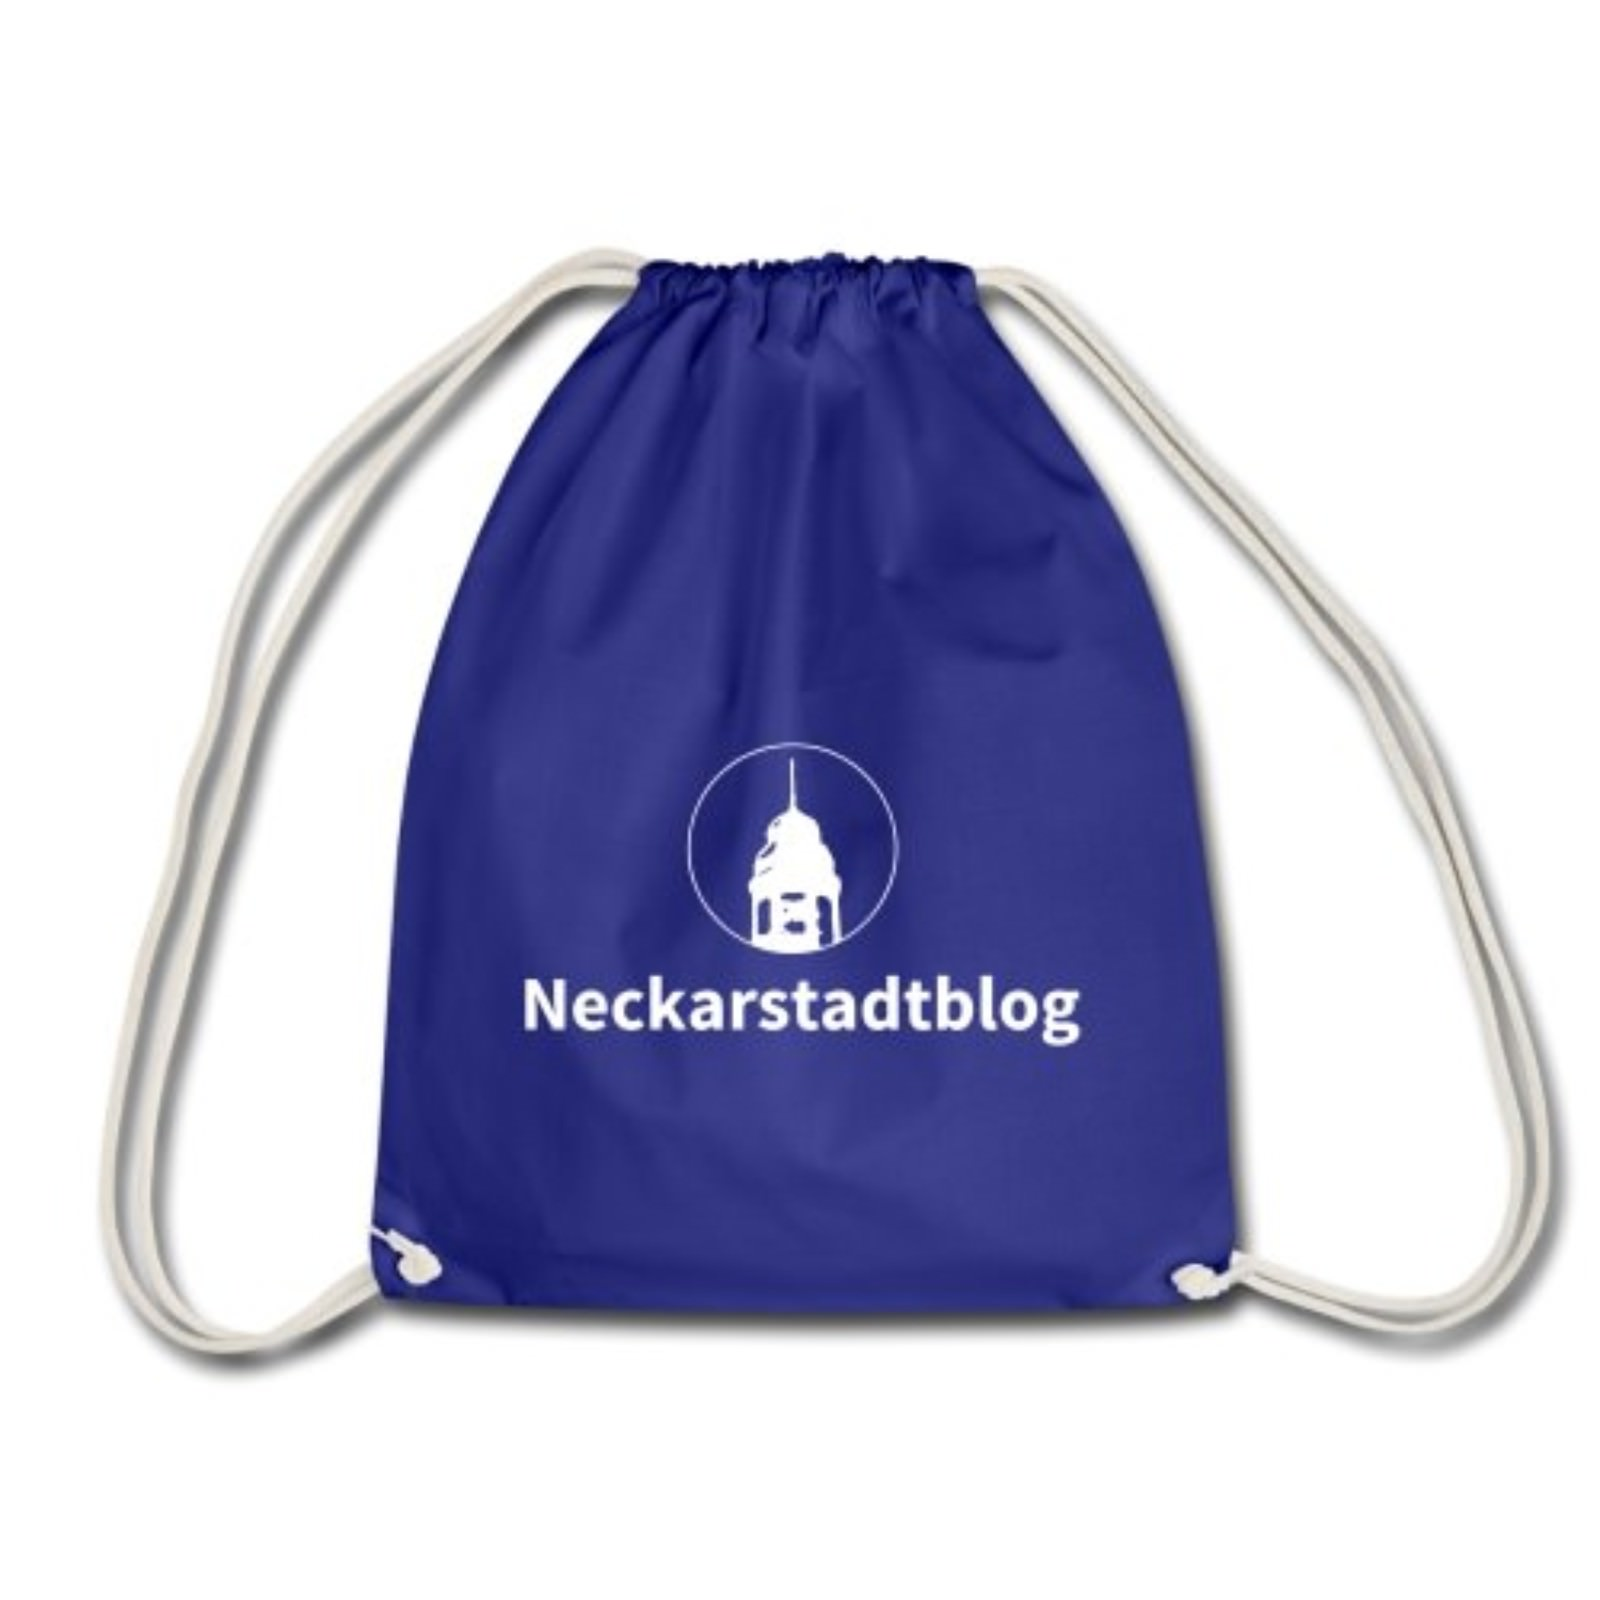 neckarstadtblog-logo-und-schriftzug-turnbeutel